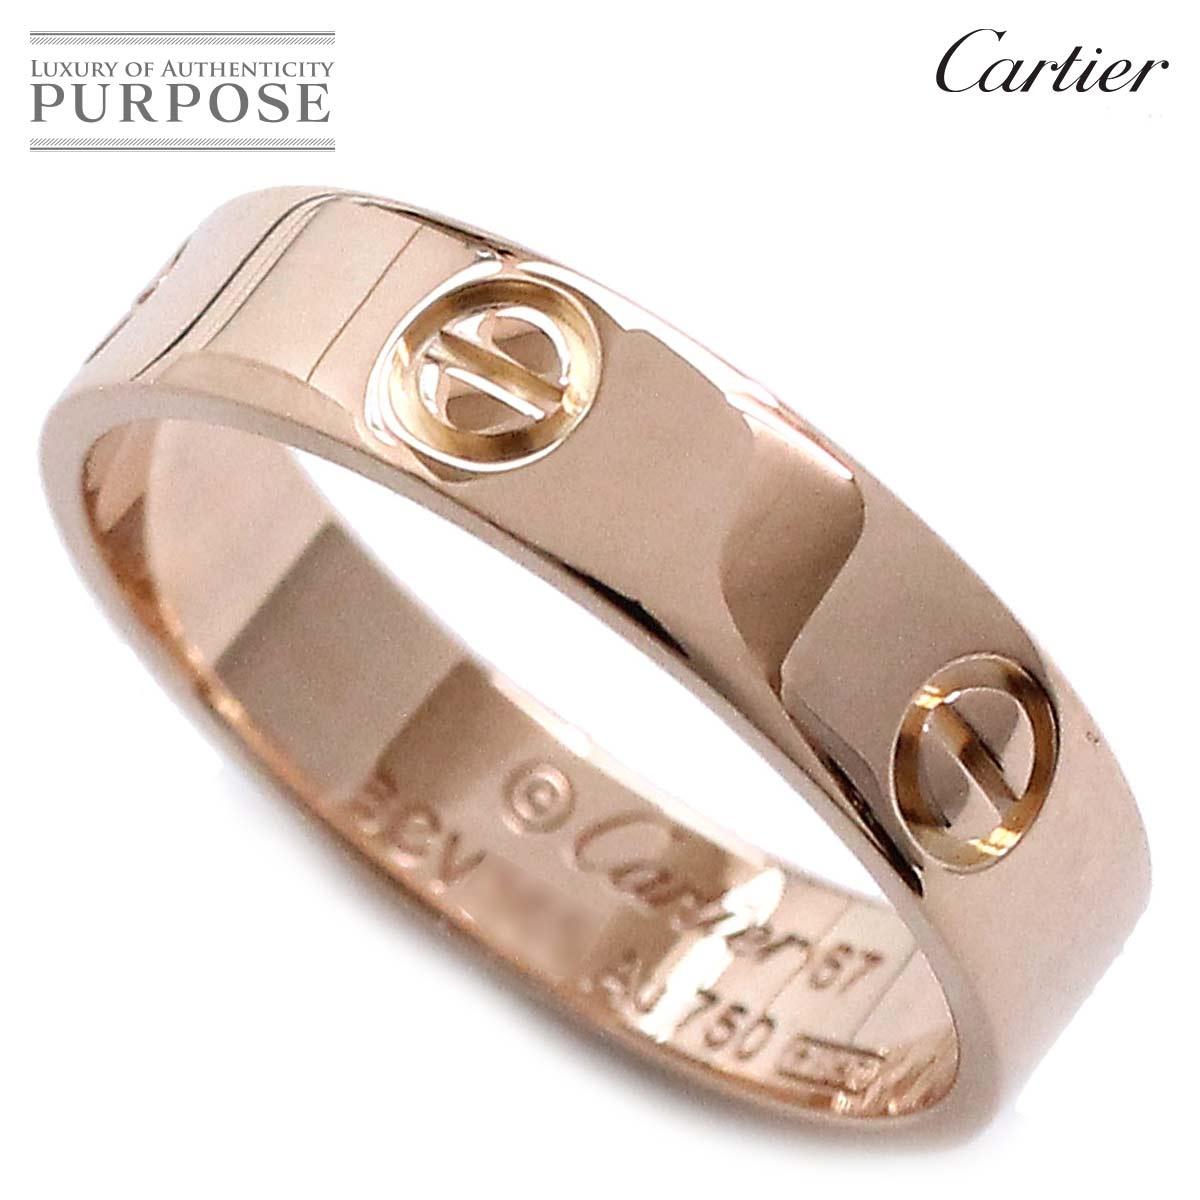 46d609fbb6dd8 Cartier Cartier love ring #67 K18PG 18-karat gold pink gold 750 ring